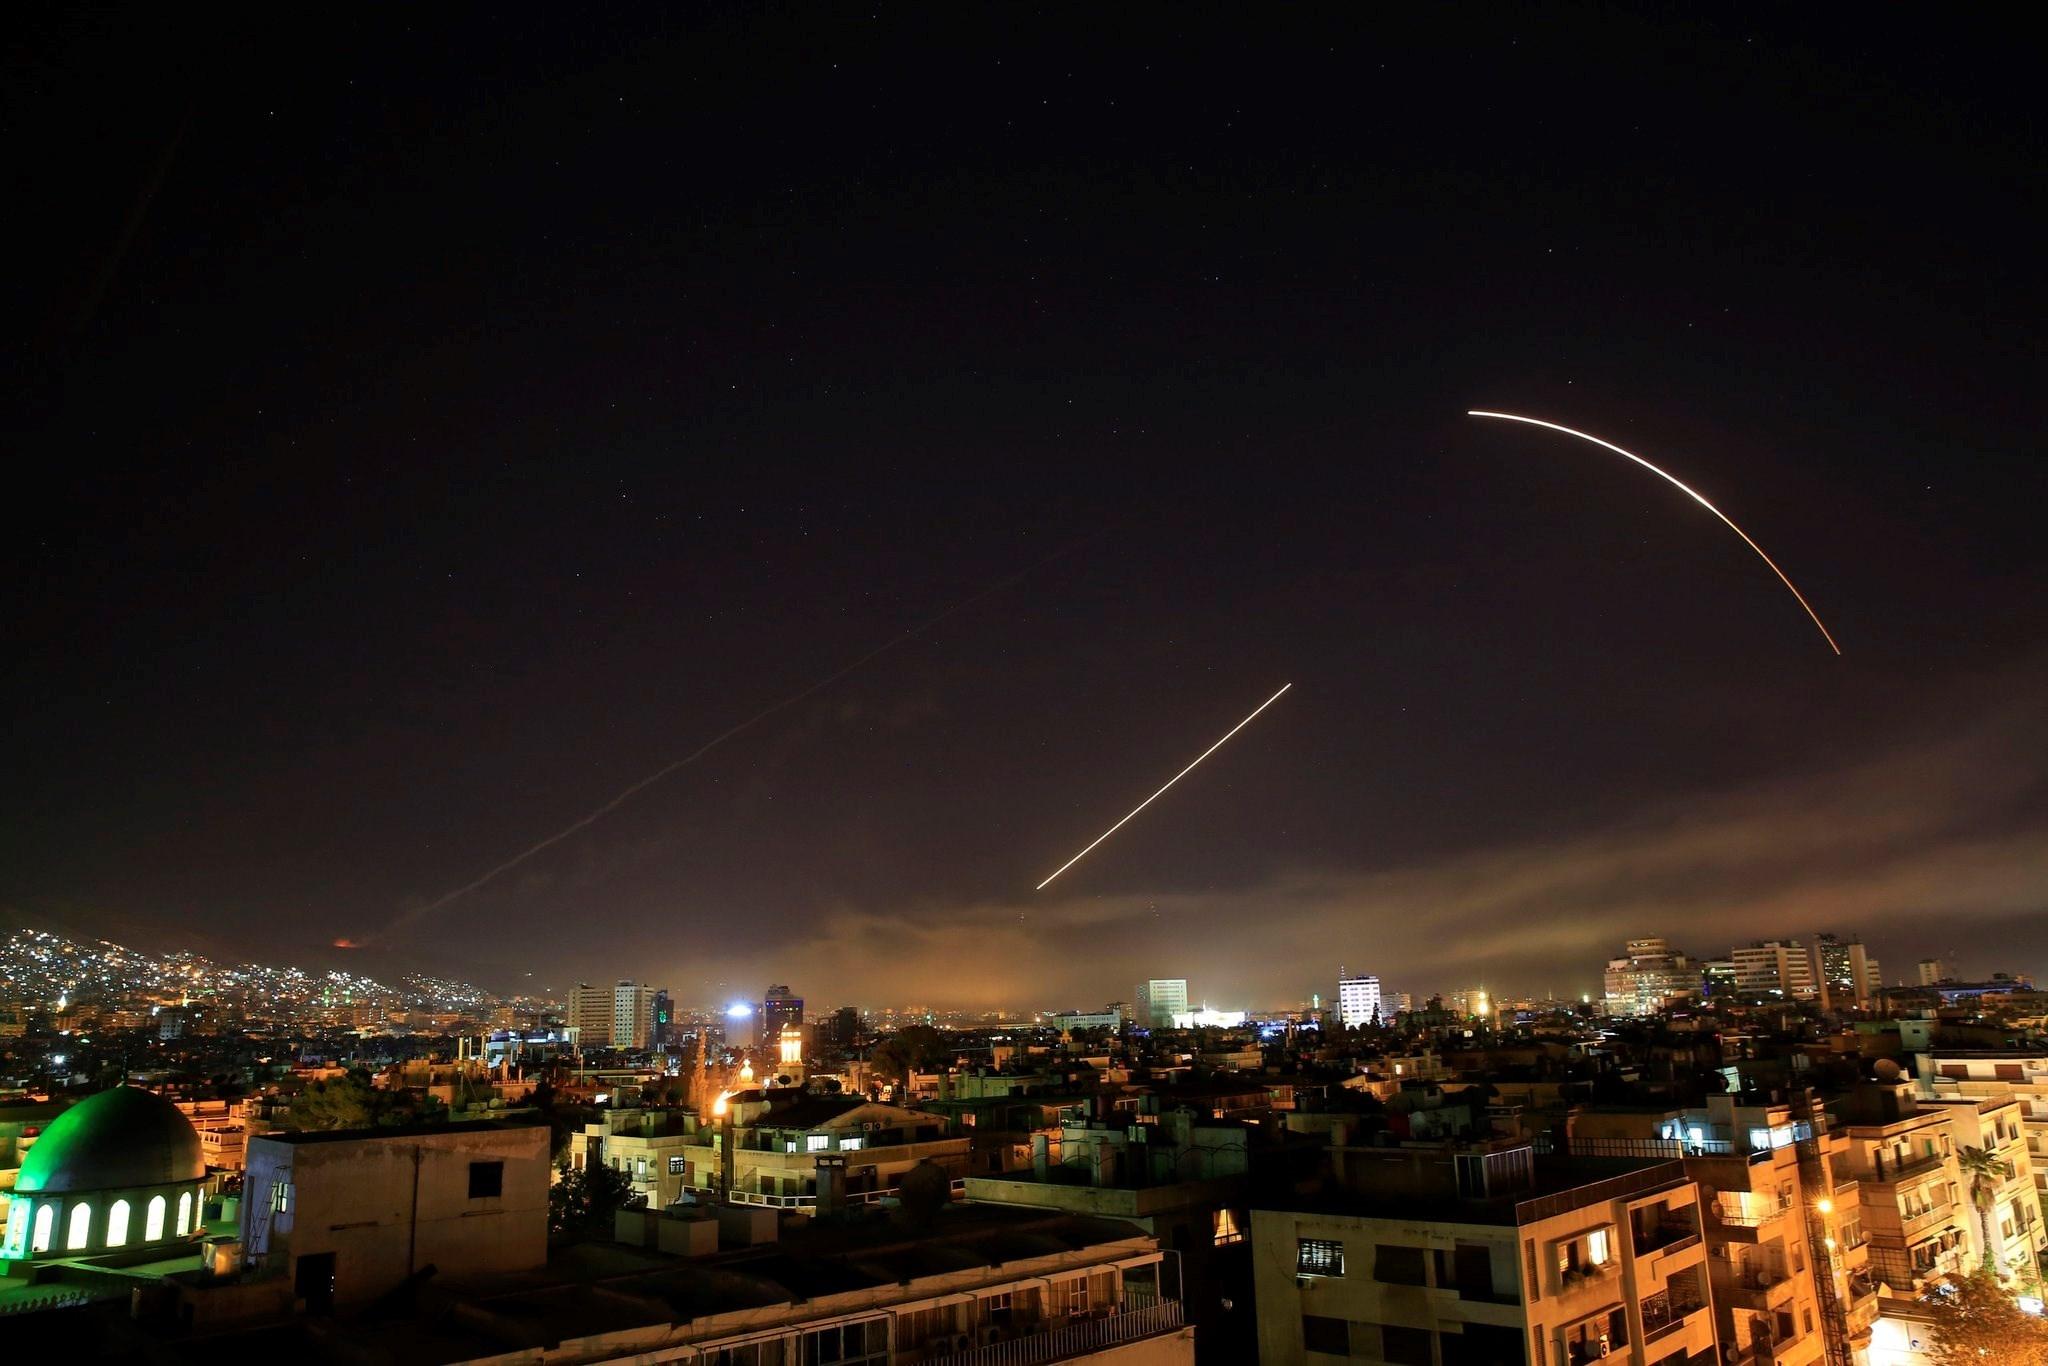 تصدي الدفاعات الجوية السورية للاعتداءات الإسرائيلية (أرشيف)